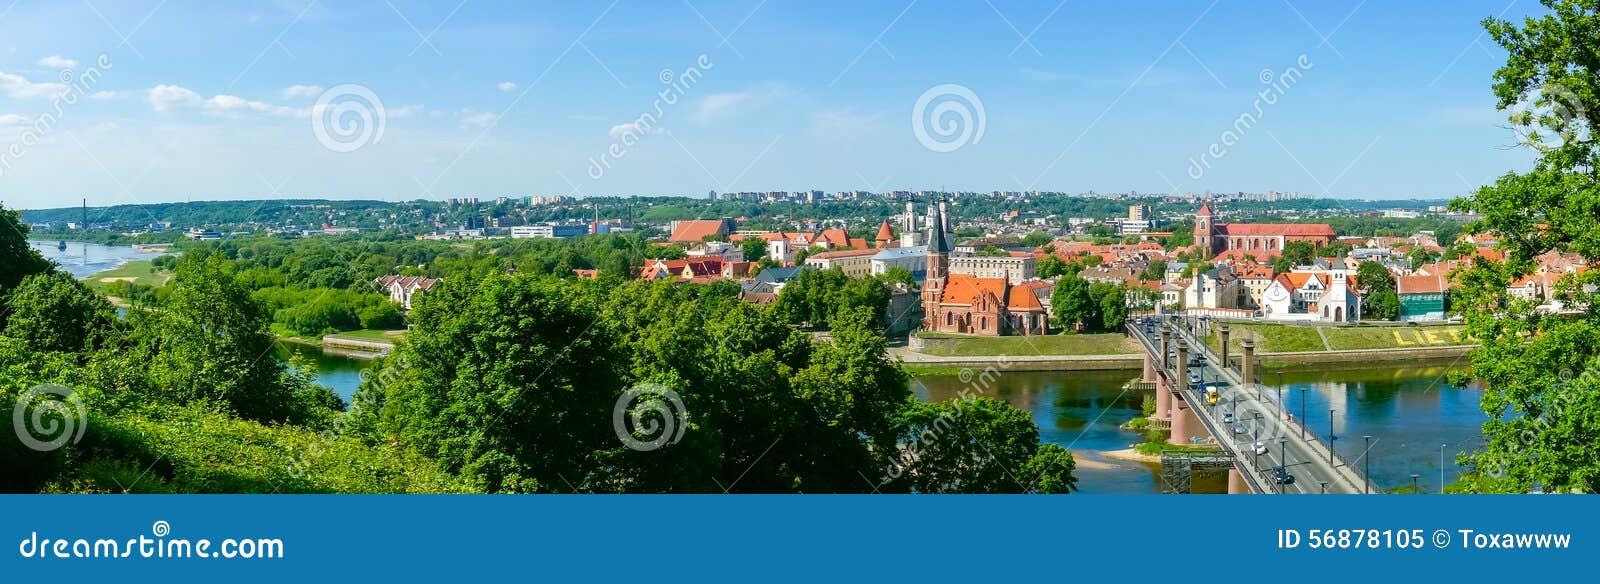 Vecchio paesaggio di tempo di giorno della città di Kaunas